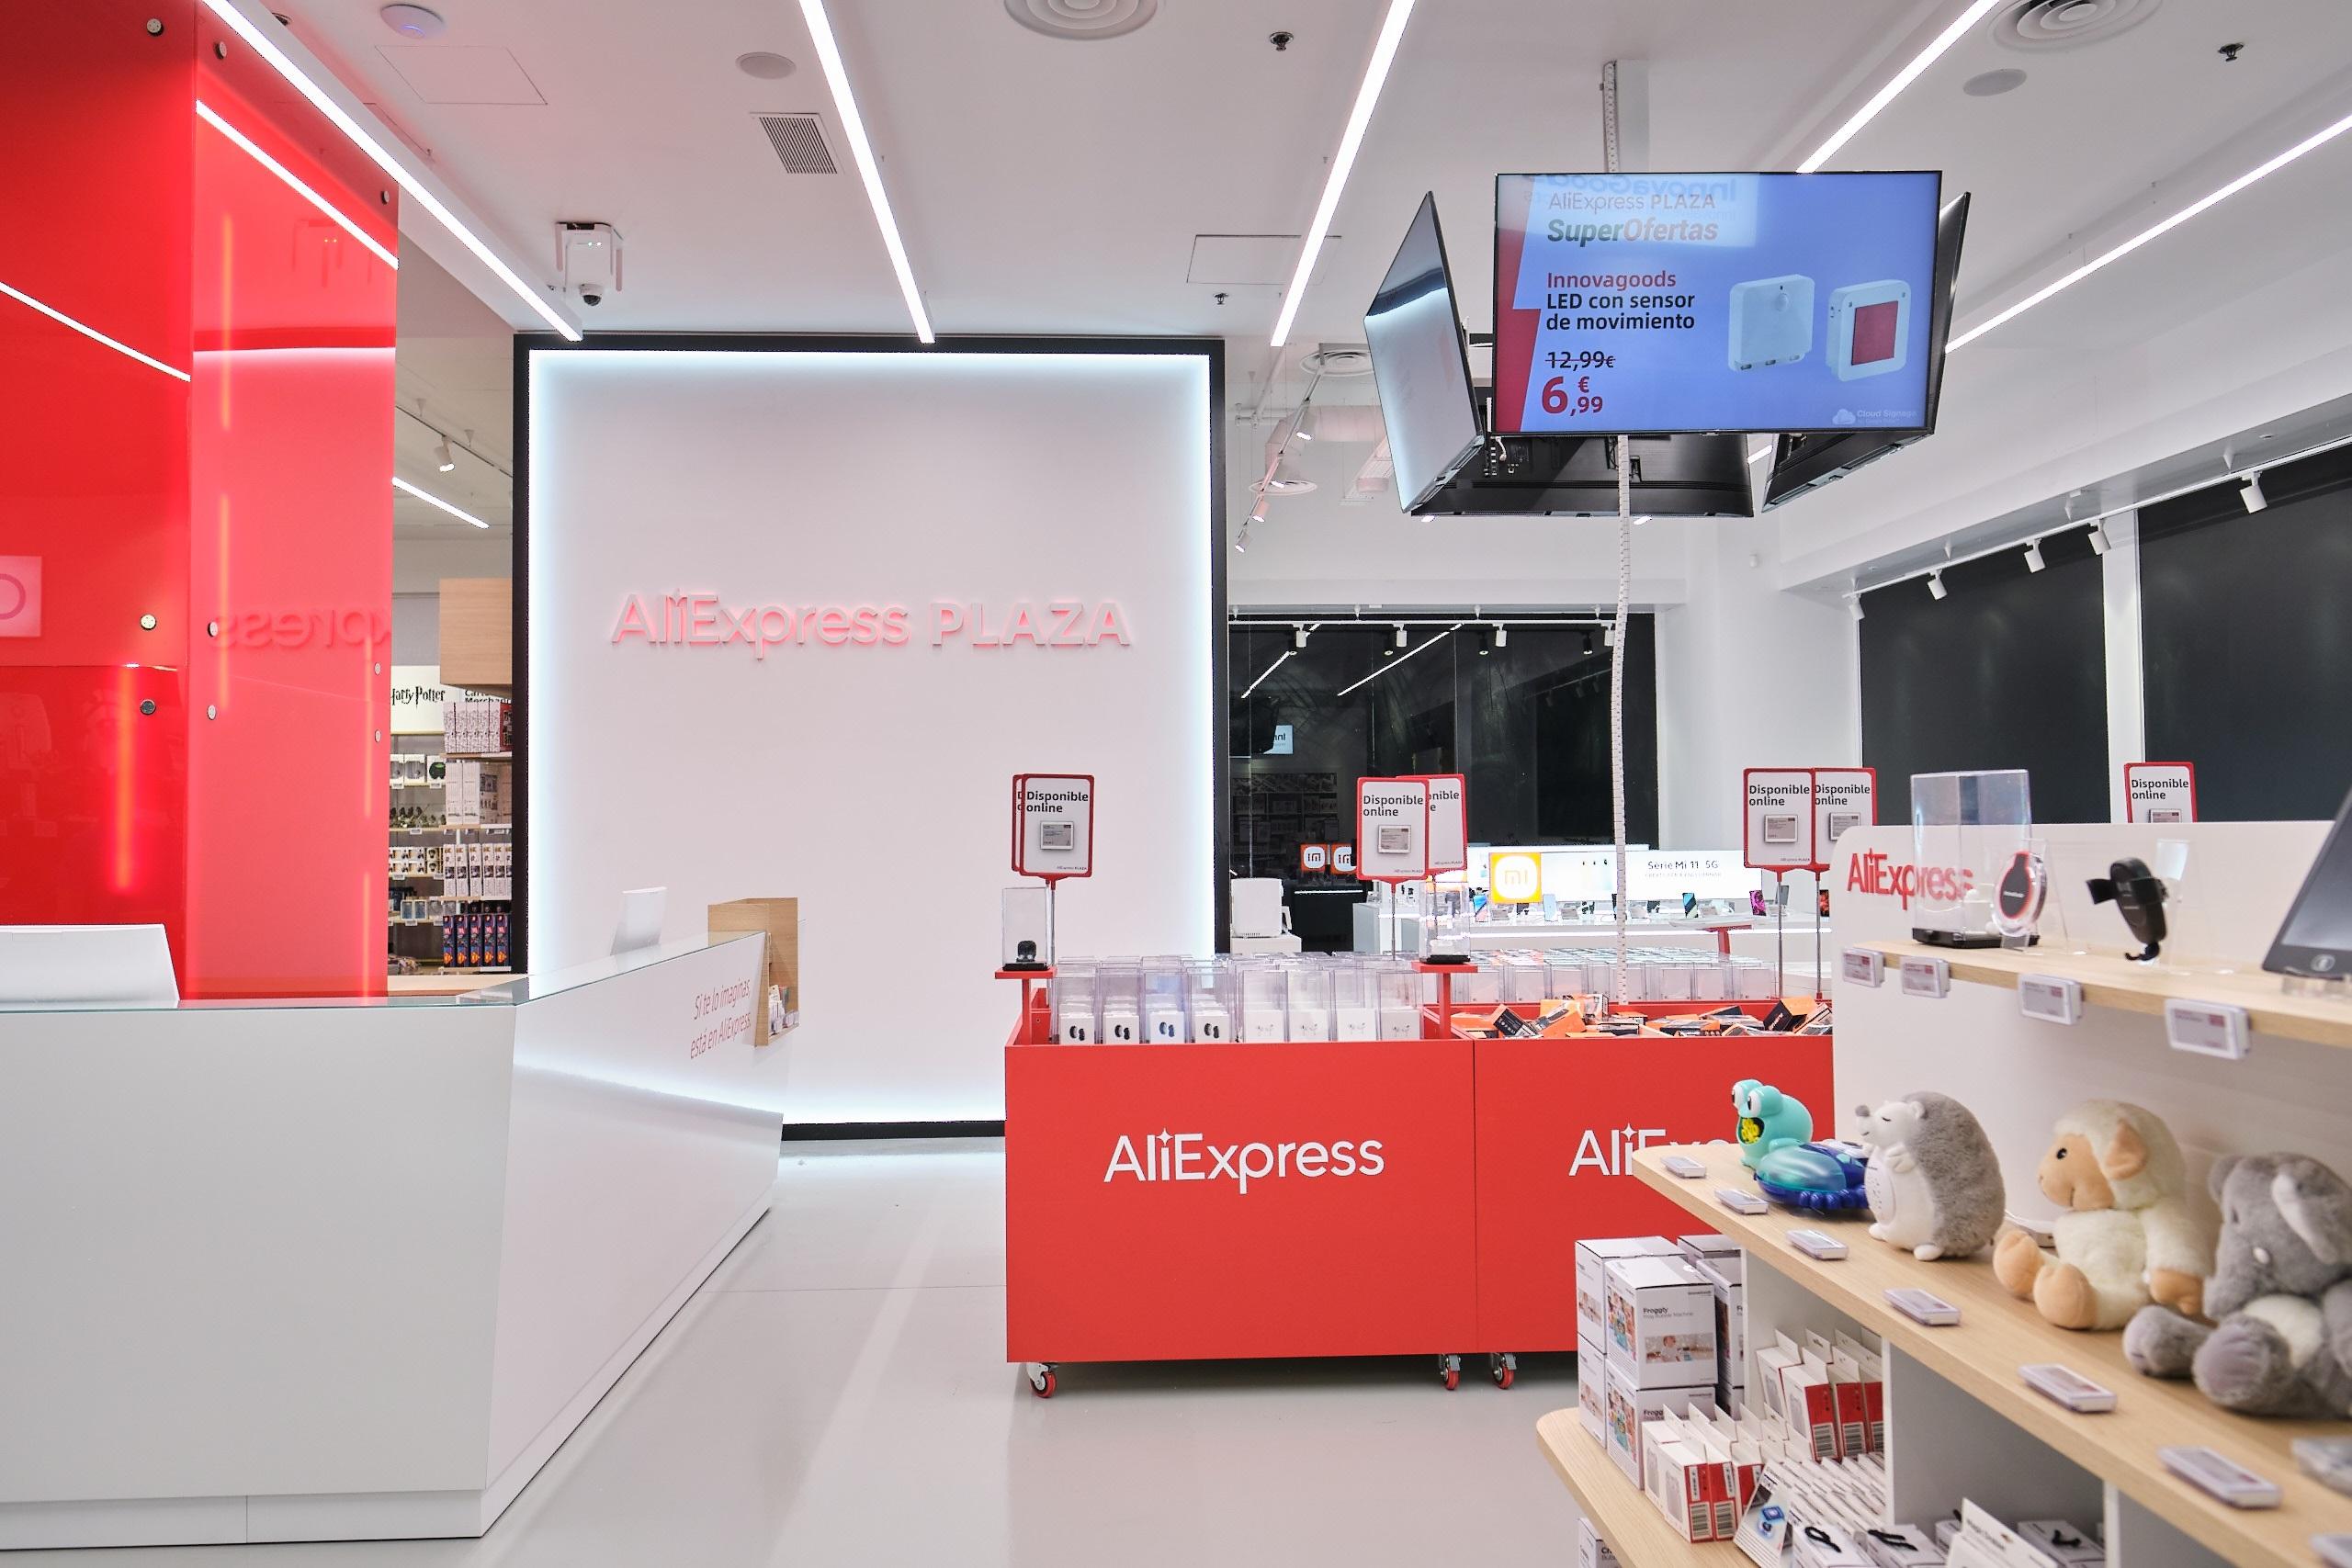 Tienda de AliExpress en La Maquinista